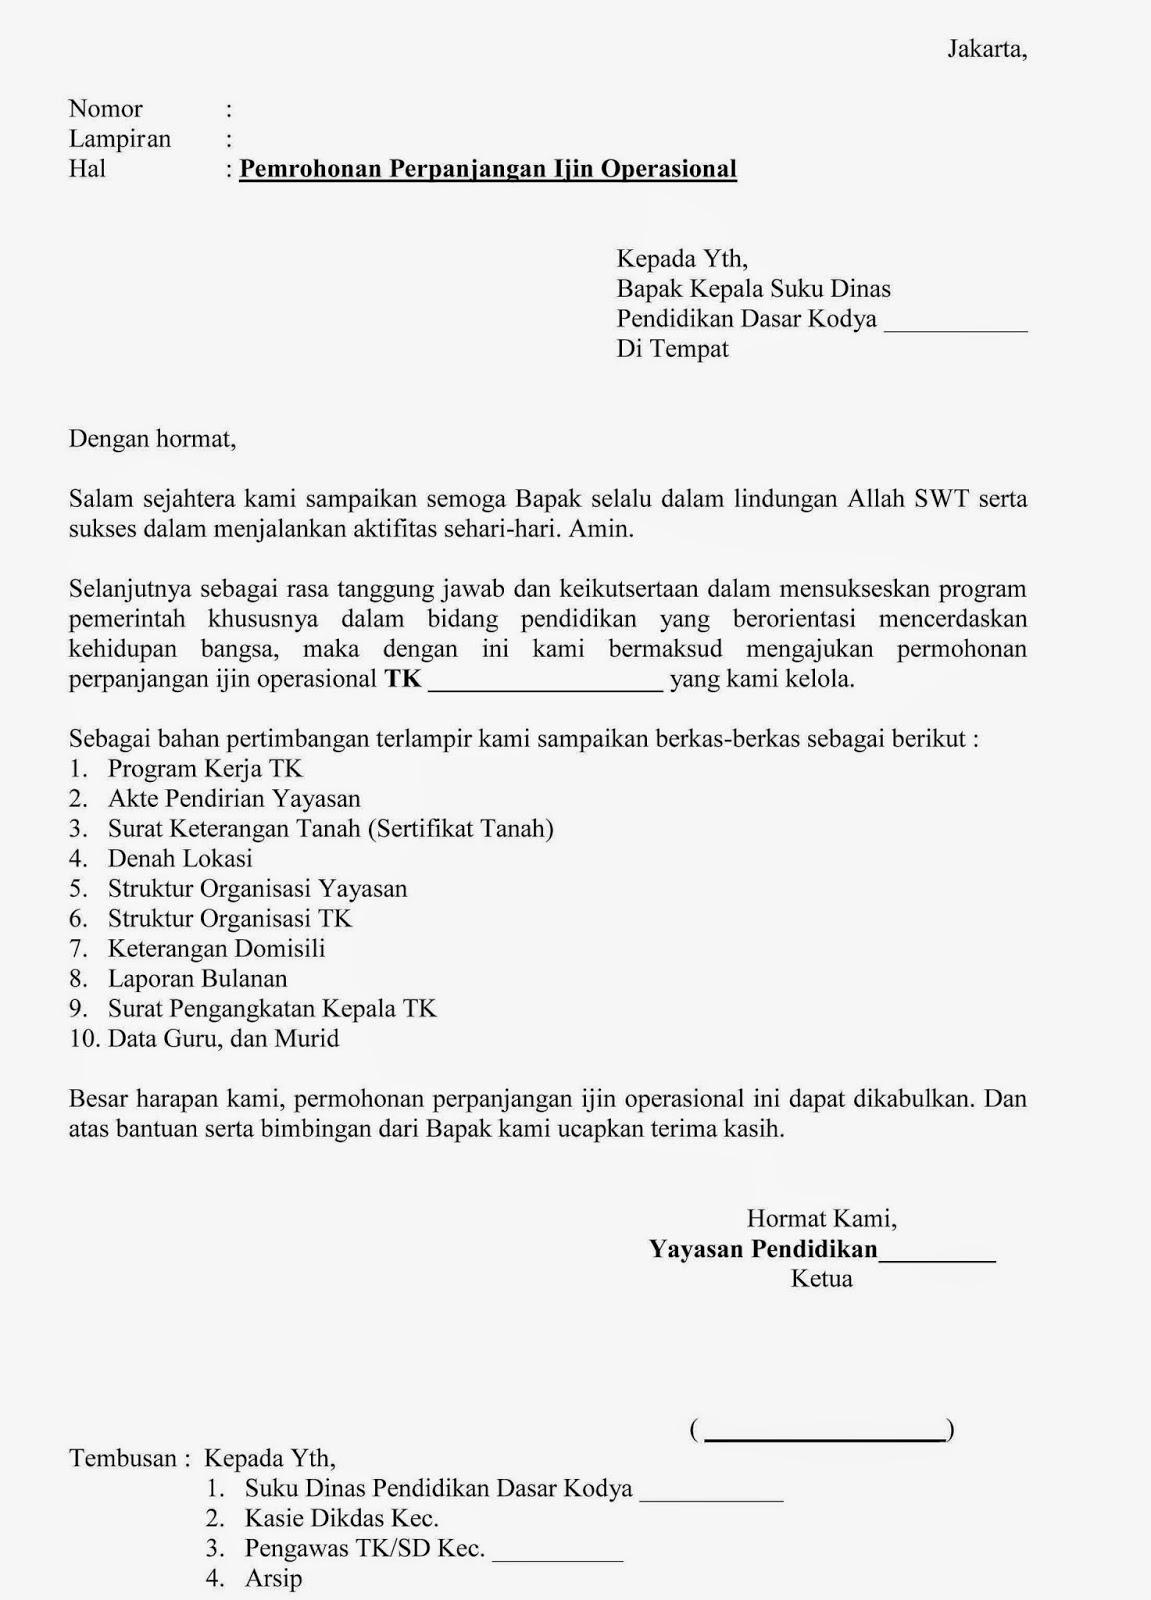 Contoh Surat Izin Operasional Sekolah Dasar Negeri Contoh Seputar Surat